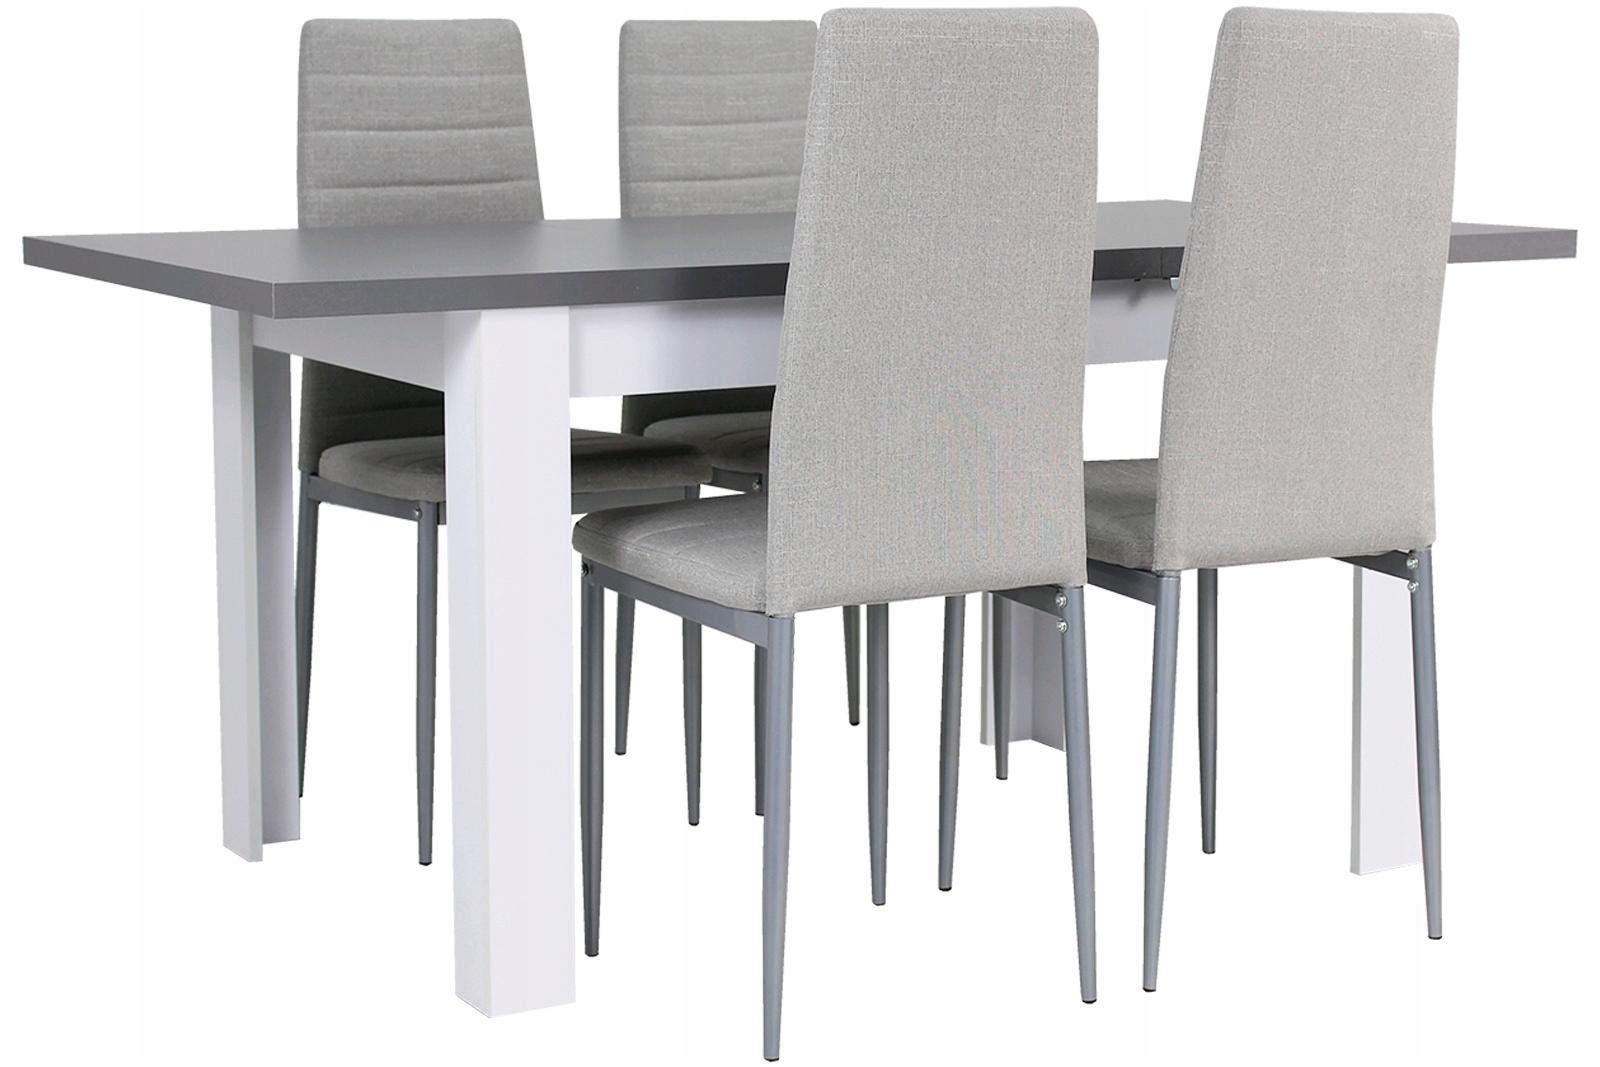 Modny zestaw STÓŁ ROZKŁADANY i 4 krzesła SZARE